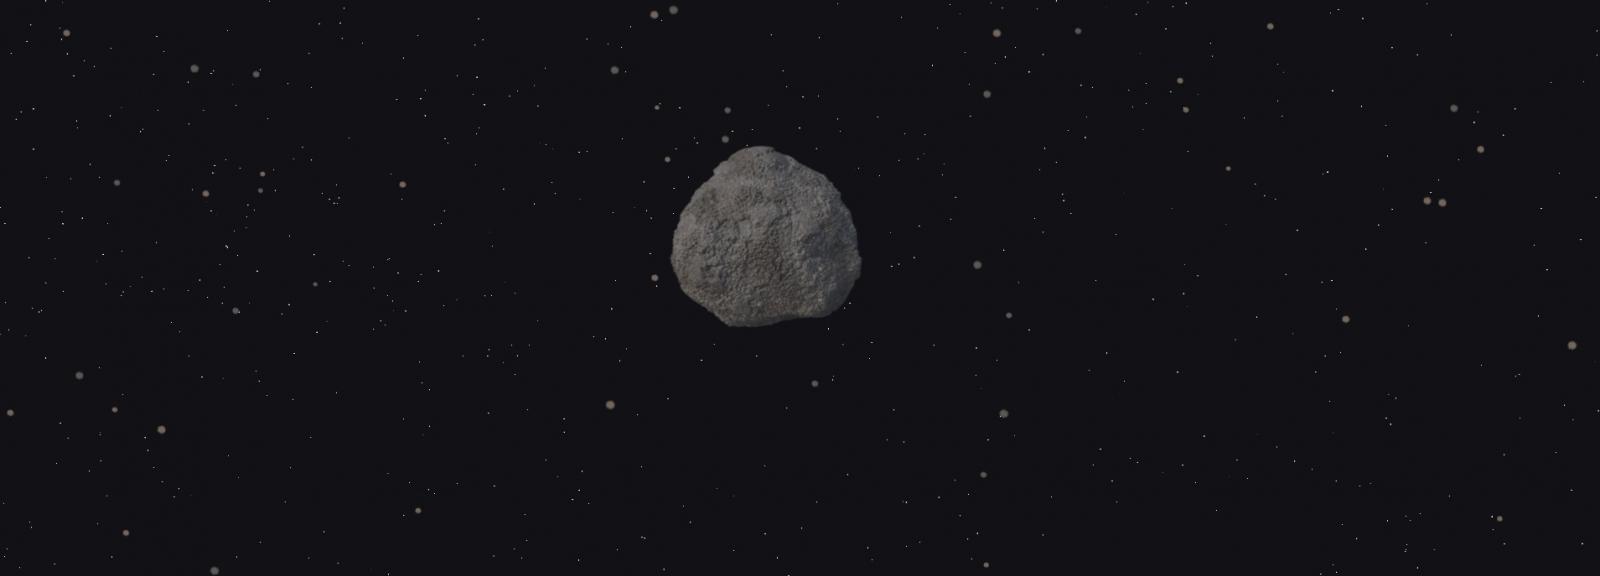 La fabrique des météorites © Alphastudio